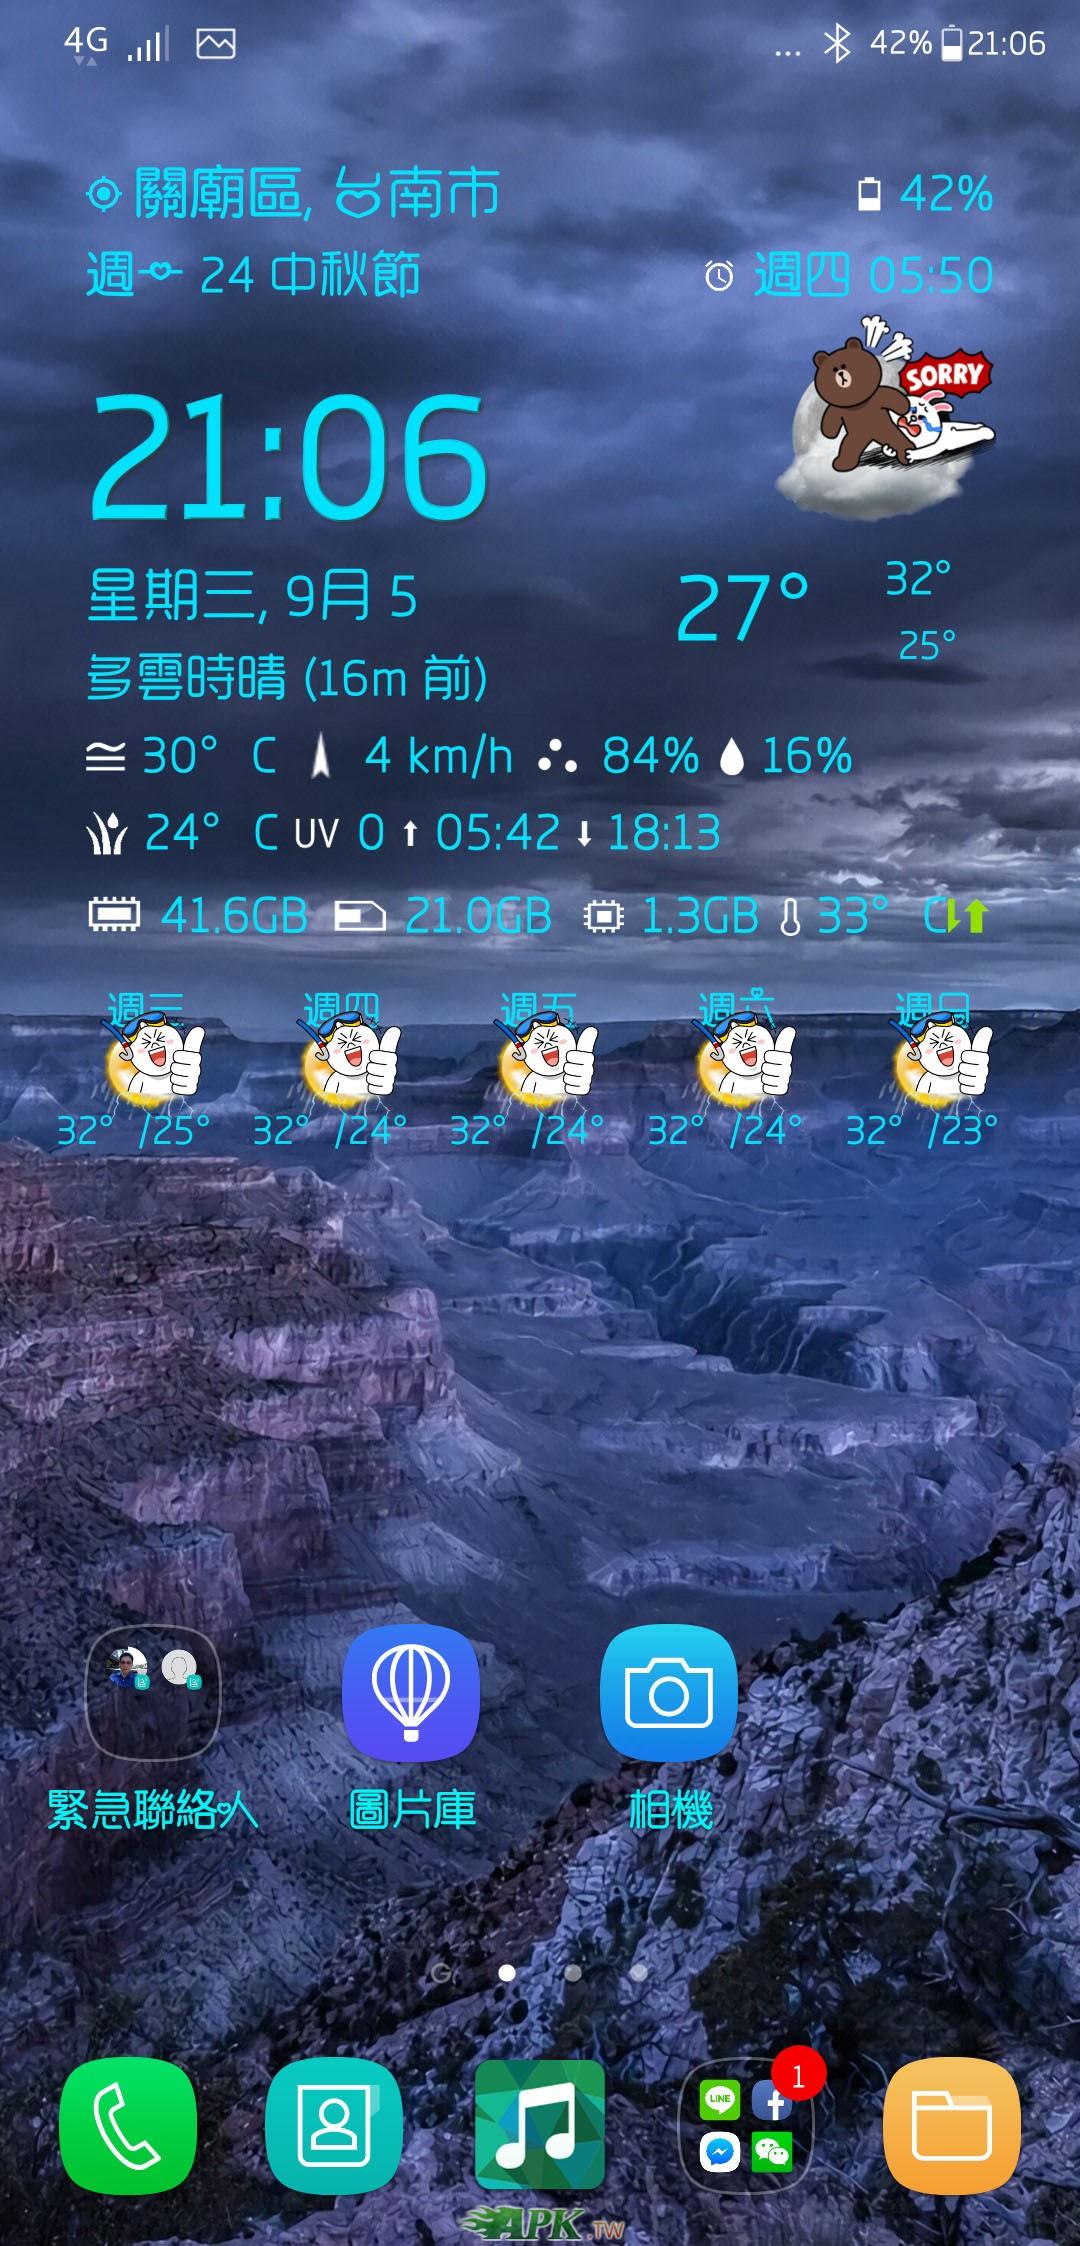 Screenshot_20180905-210607.jpg